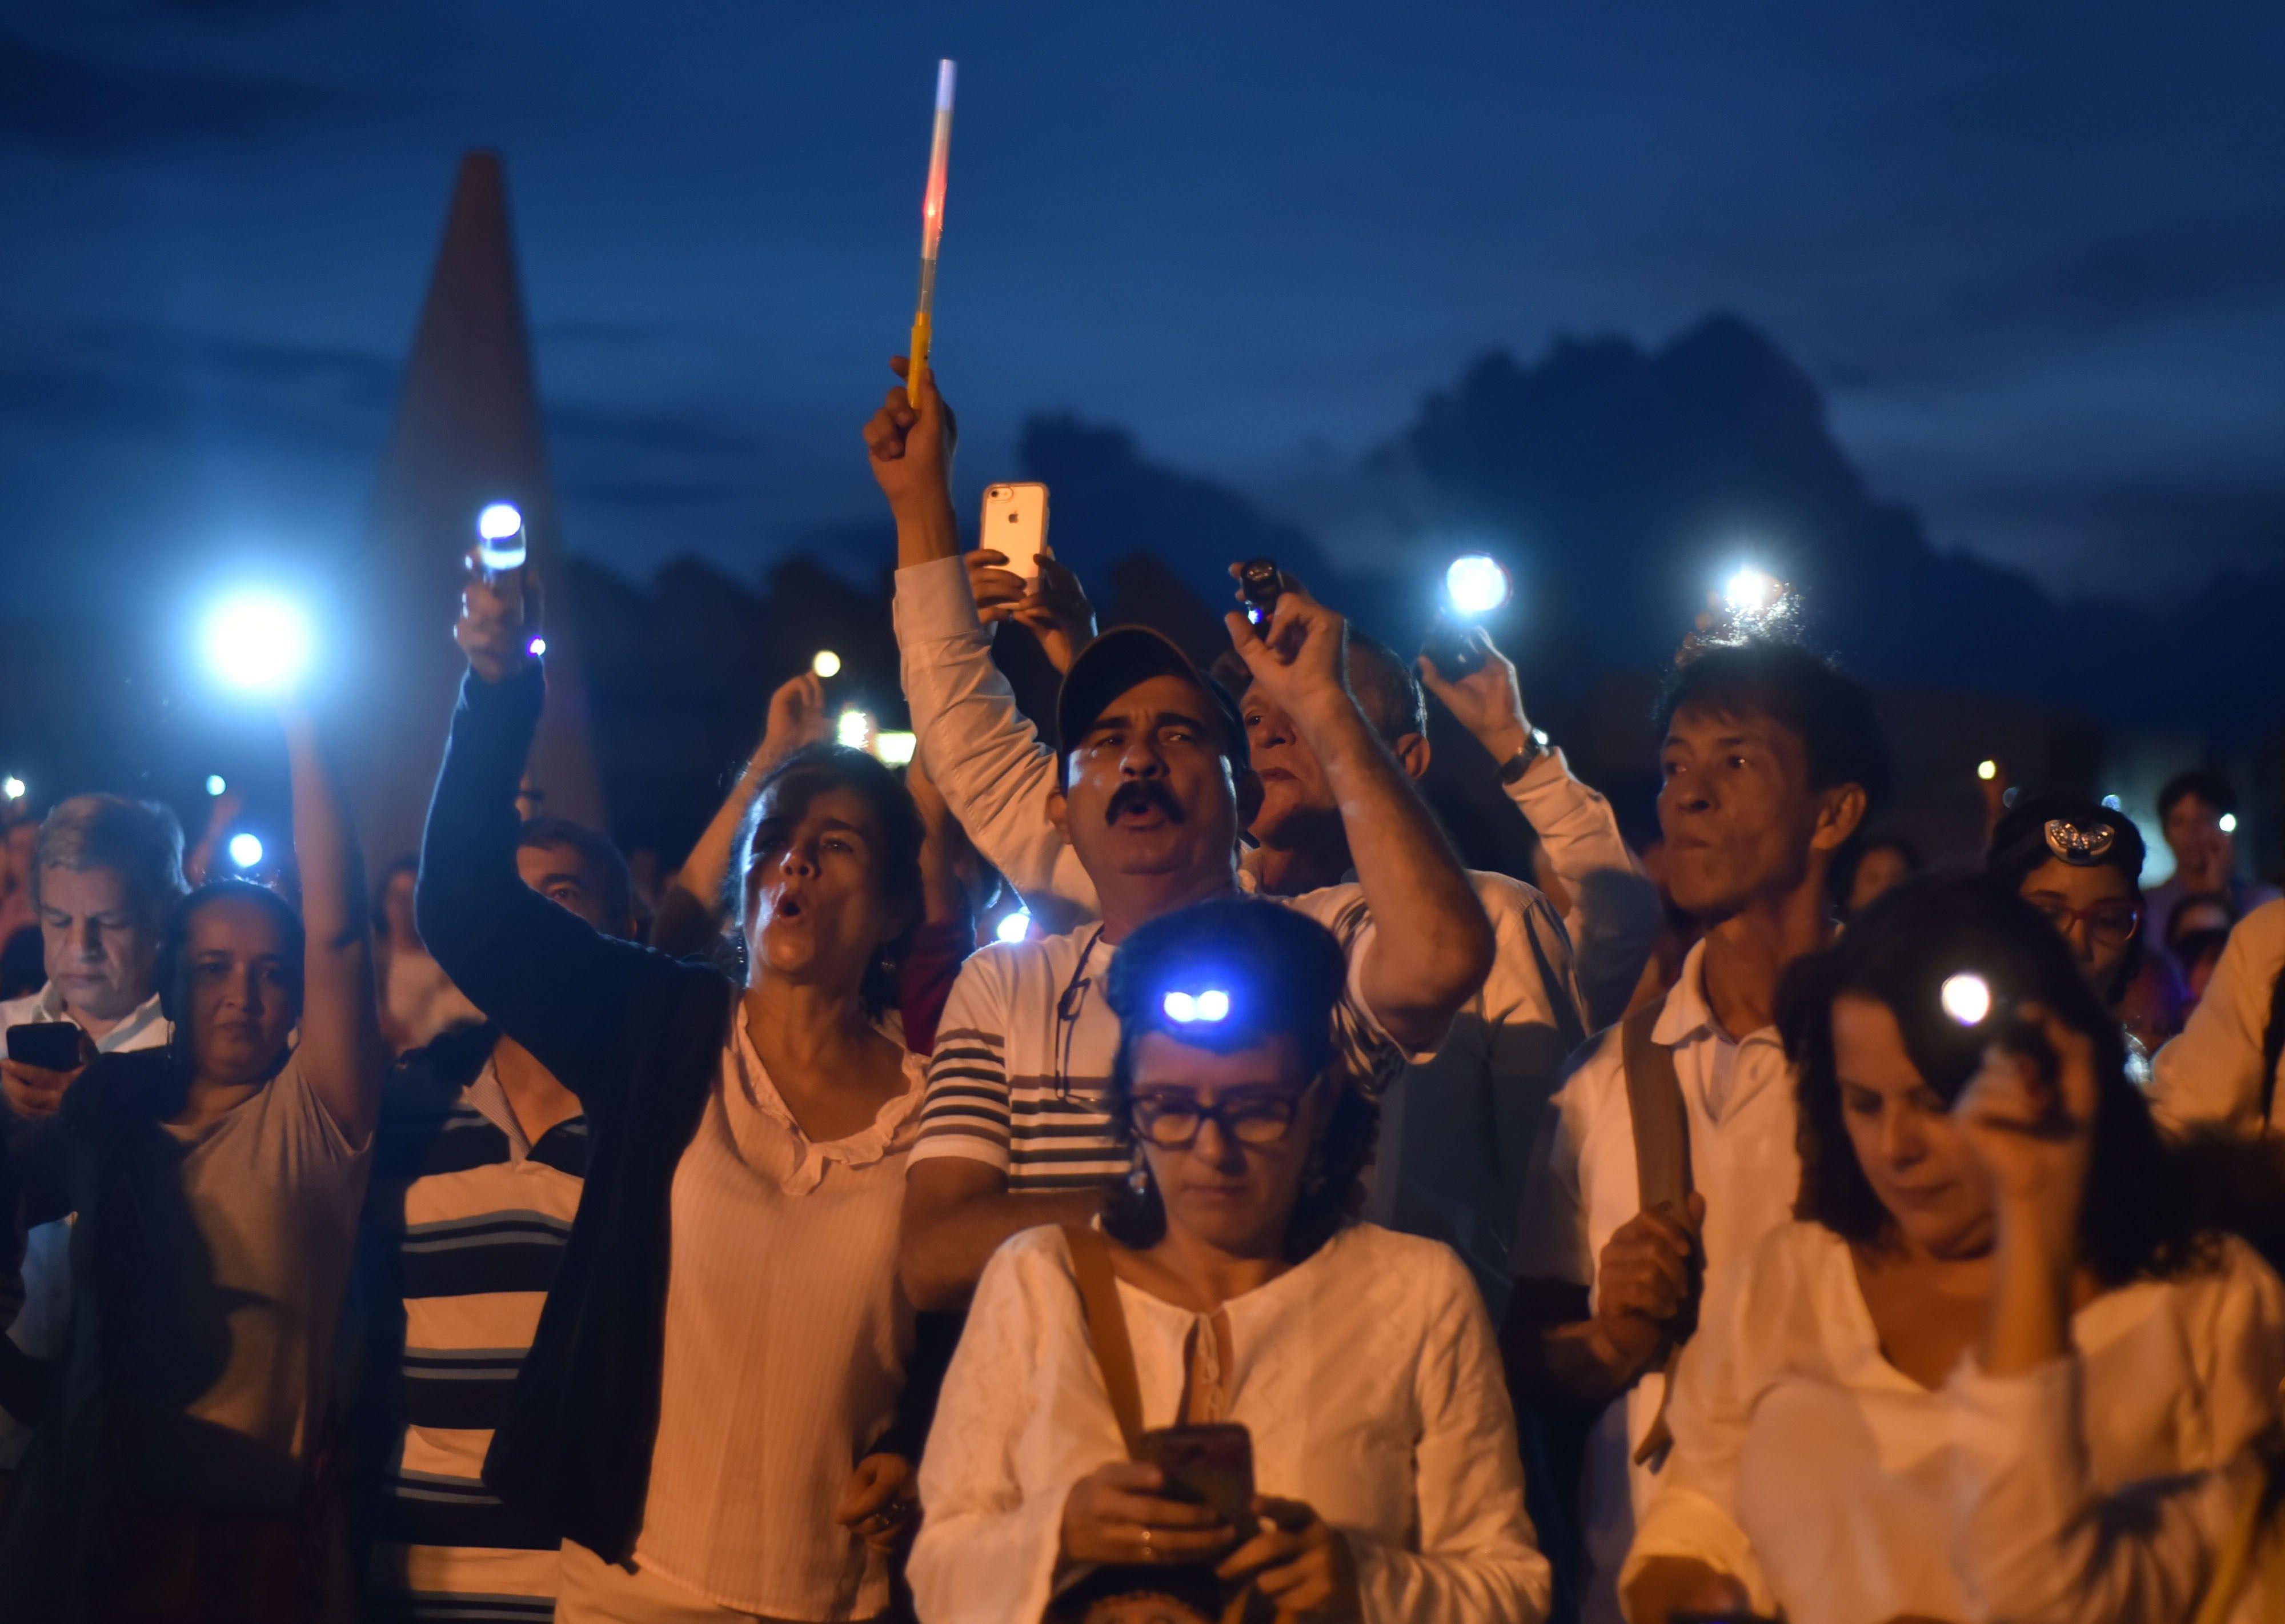 Cientos de manifestantes enuna protesta para exigir la renuncia del fiscal general de Colombia, Néstor Humberto Martínez, por el escándalo de corrupción de Odebrecht. (EFE/ Ernesto Guzman Jr)